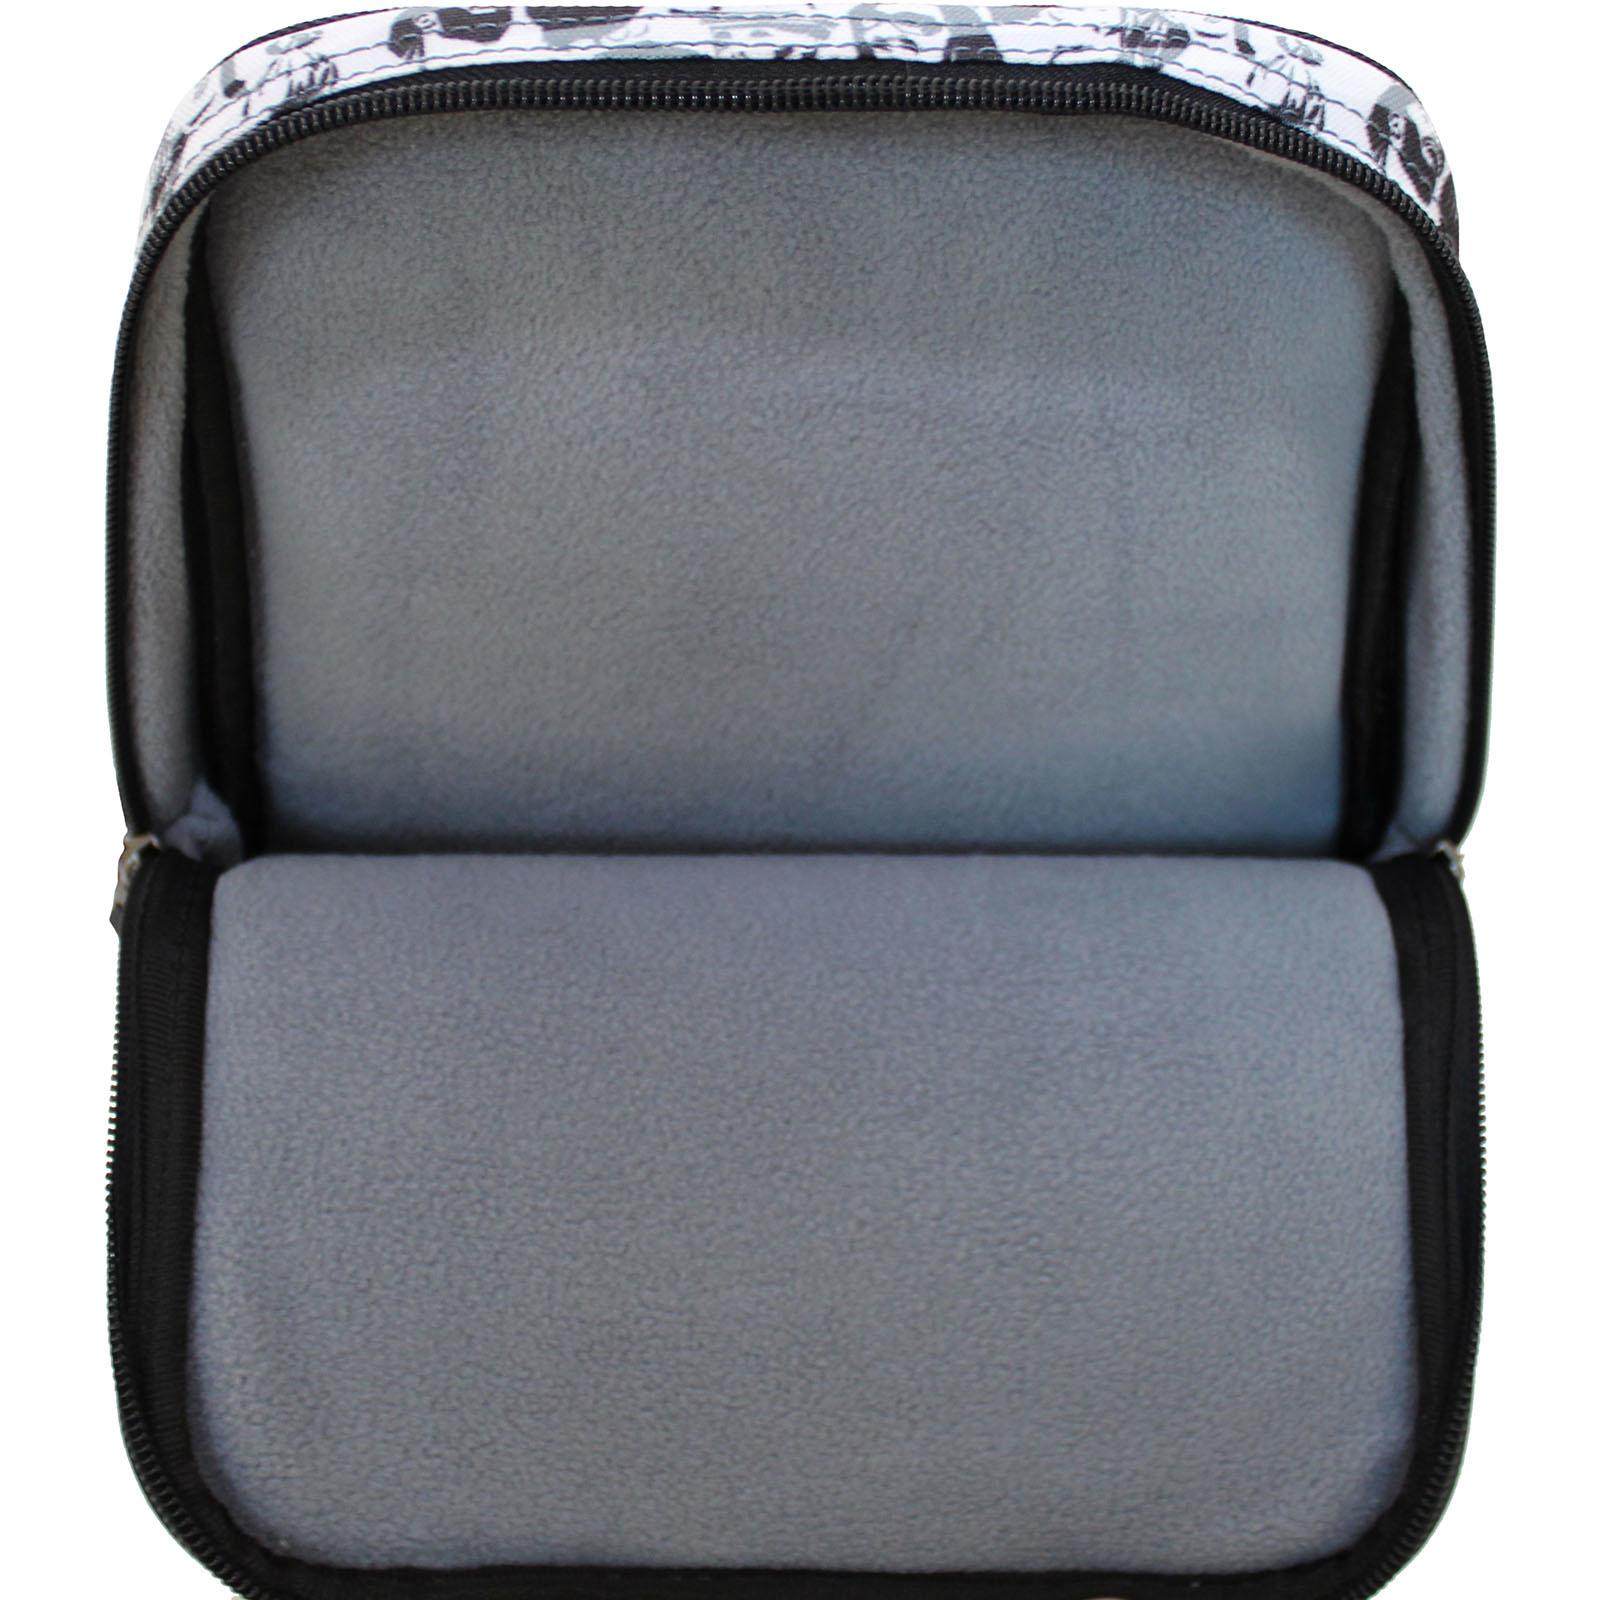 Рюкзак Bagland под планшет 2 л. сублимация лица (00509664)